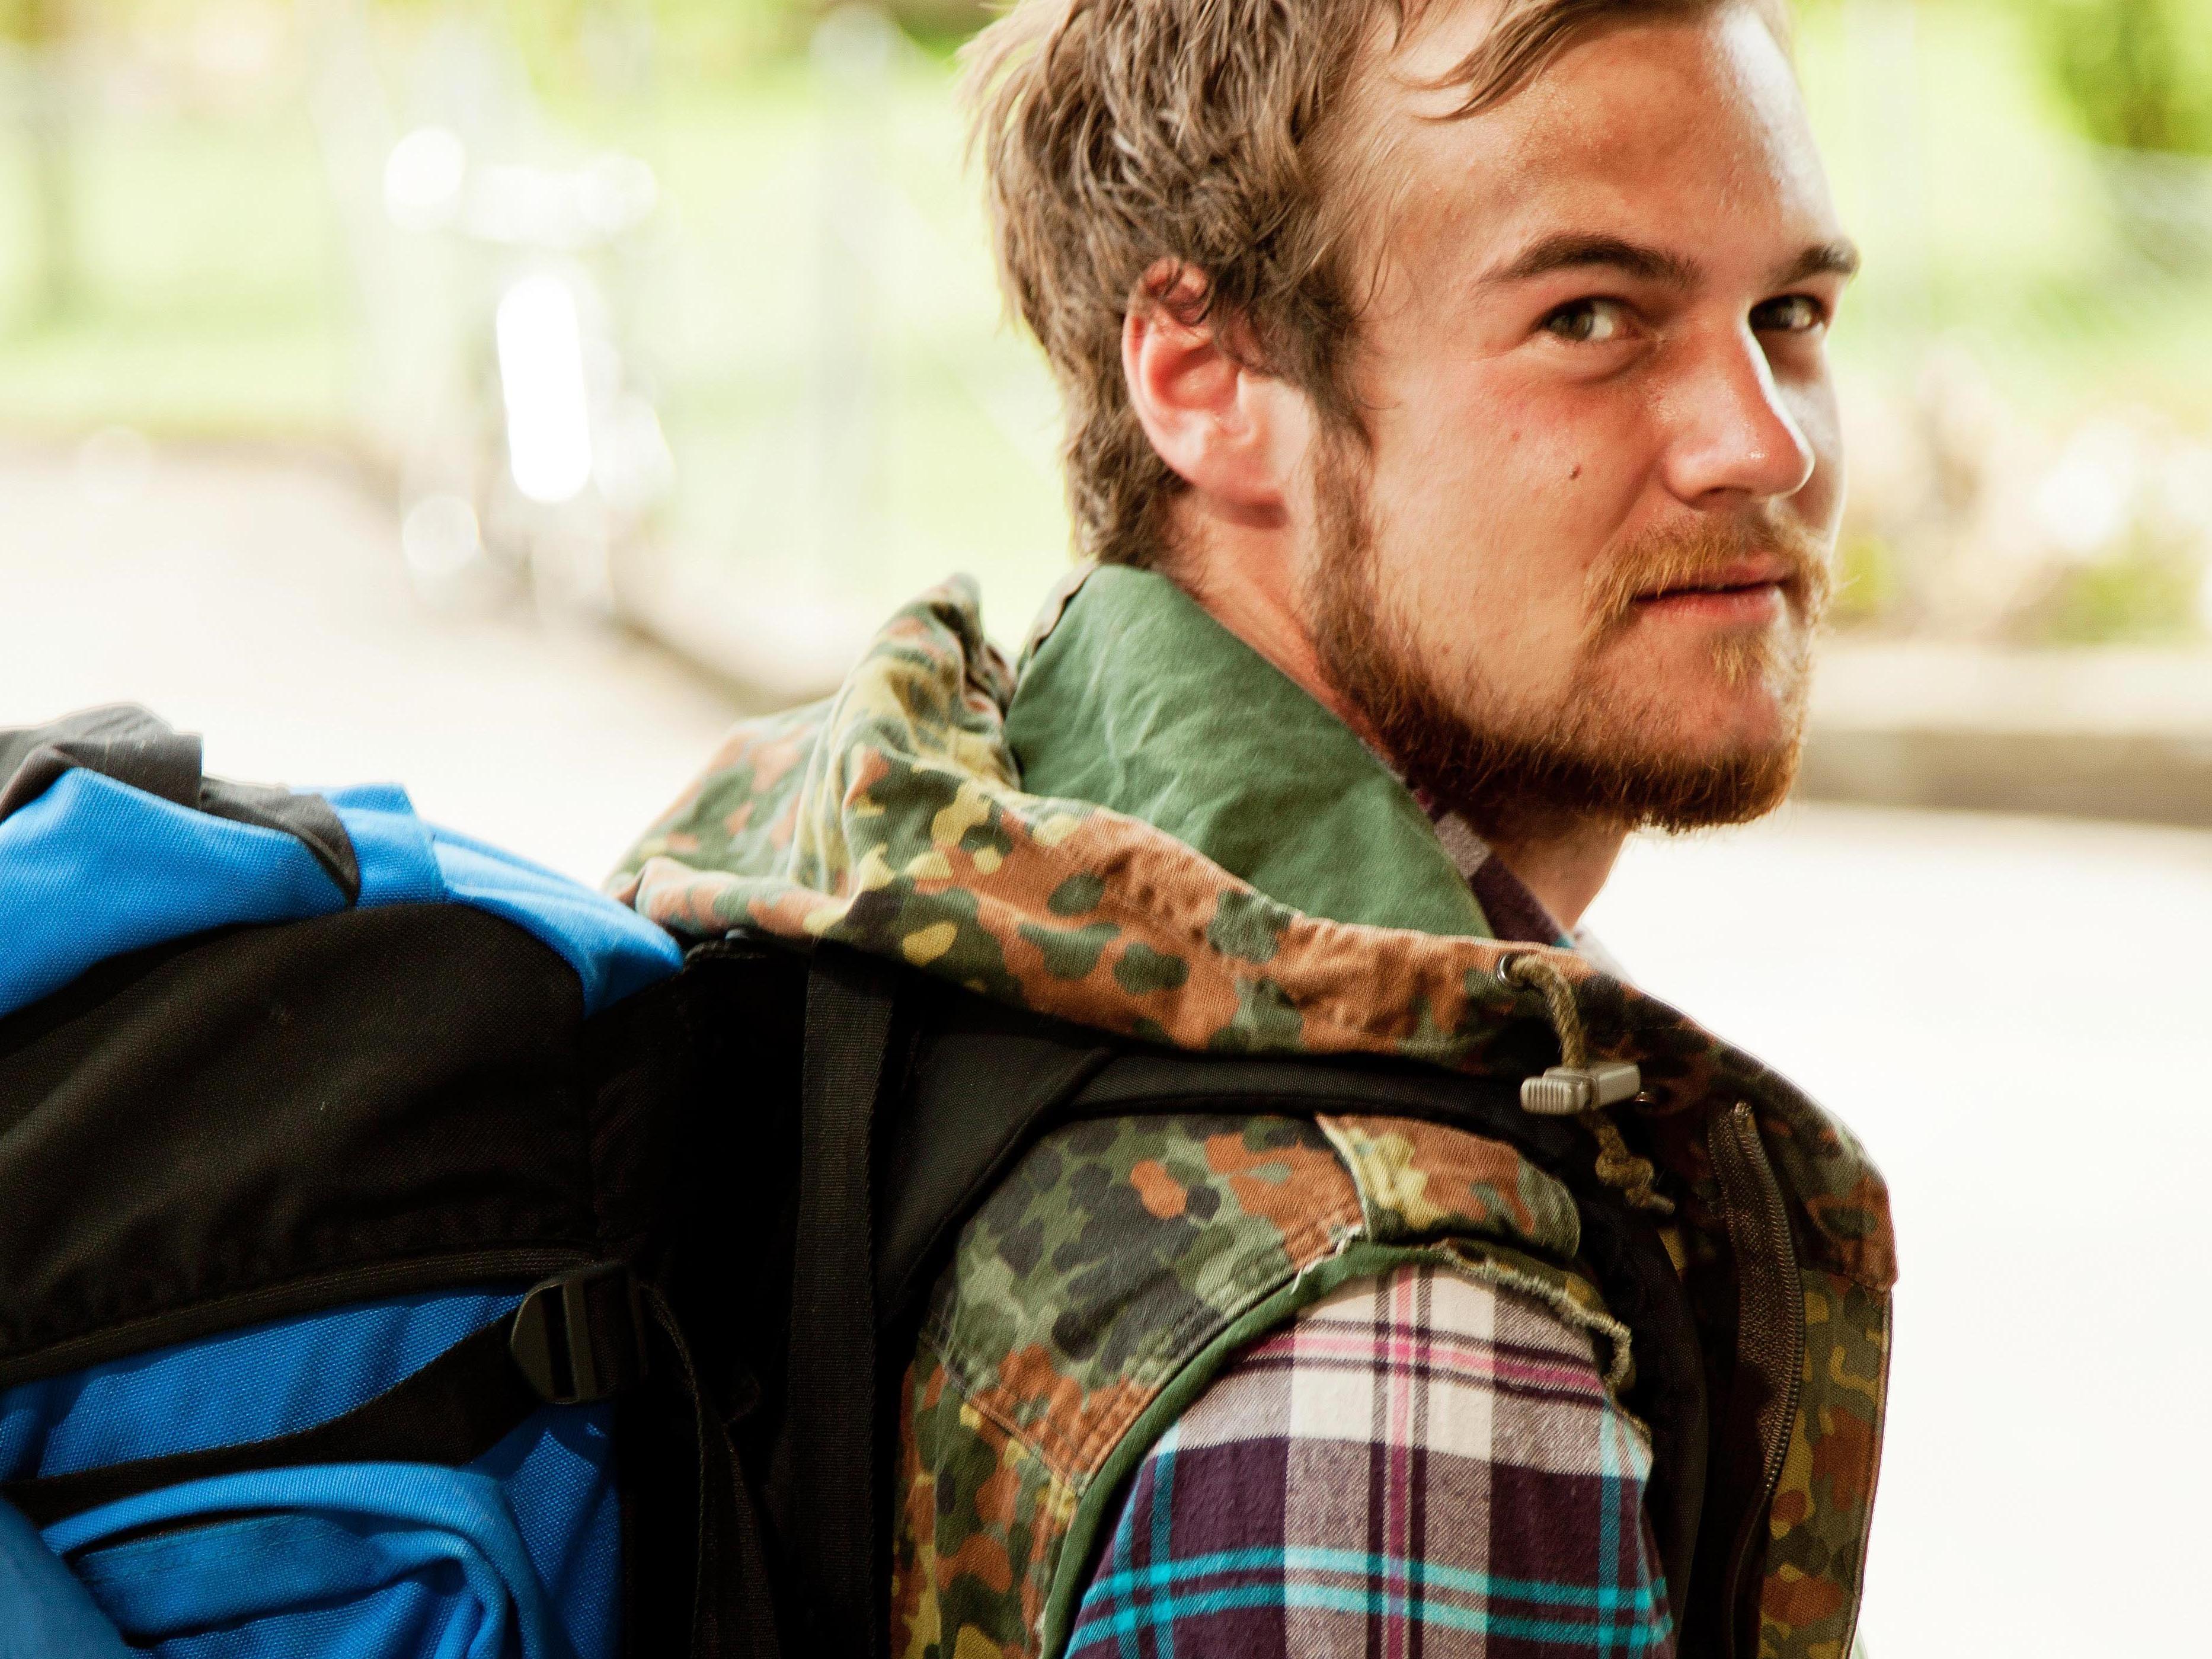 Mit dem Internationalen Jugendherbergsausweis reisen Jugendliche billiger.